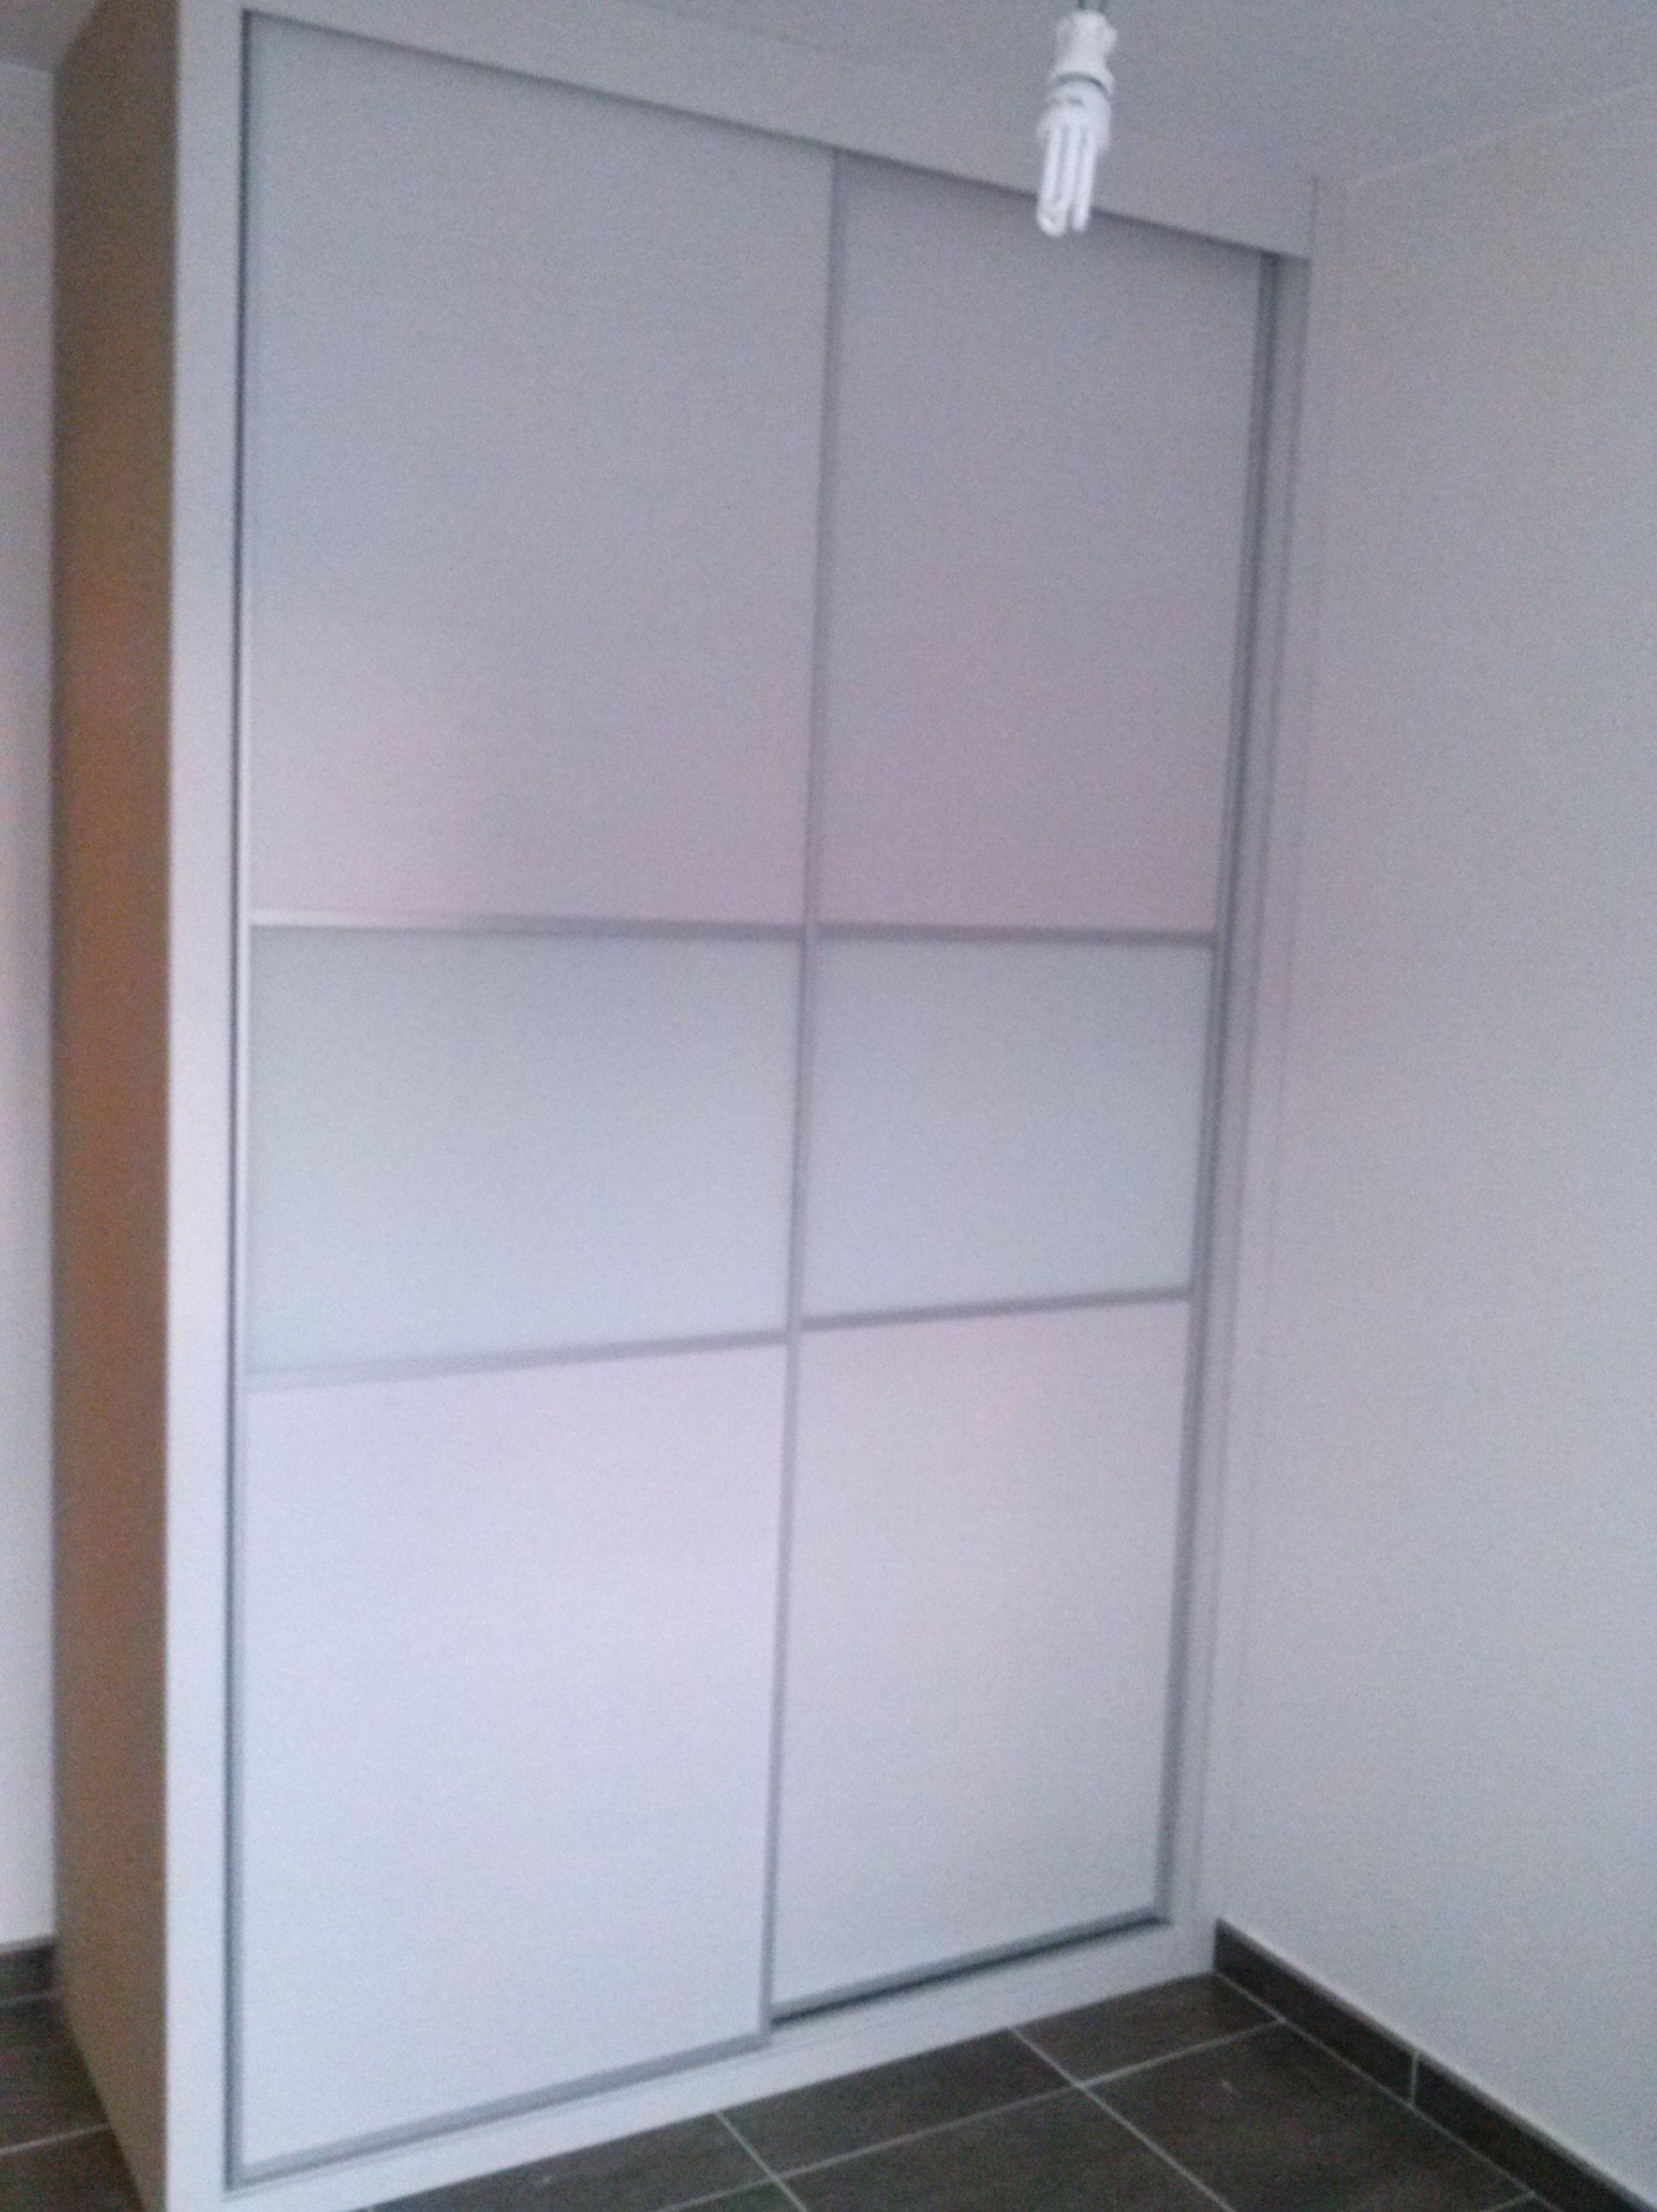 Puerta corredera armario empotrado finest armario - Puertas correderas abatibles ...